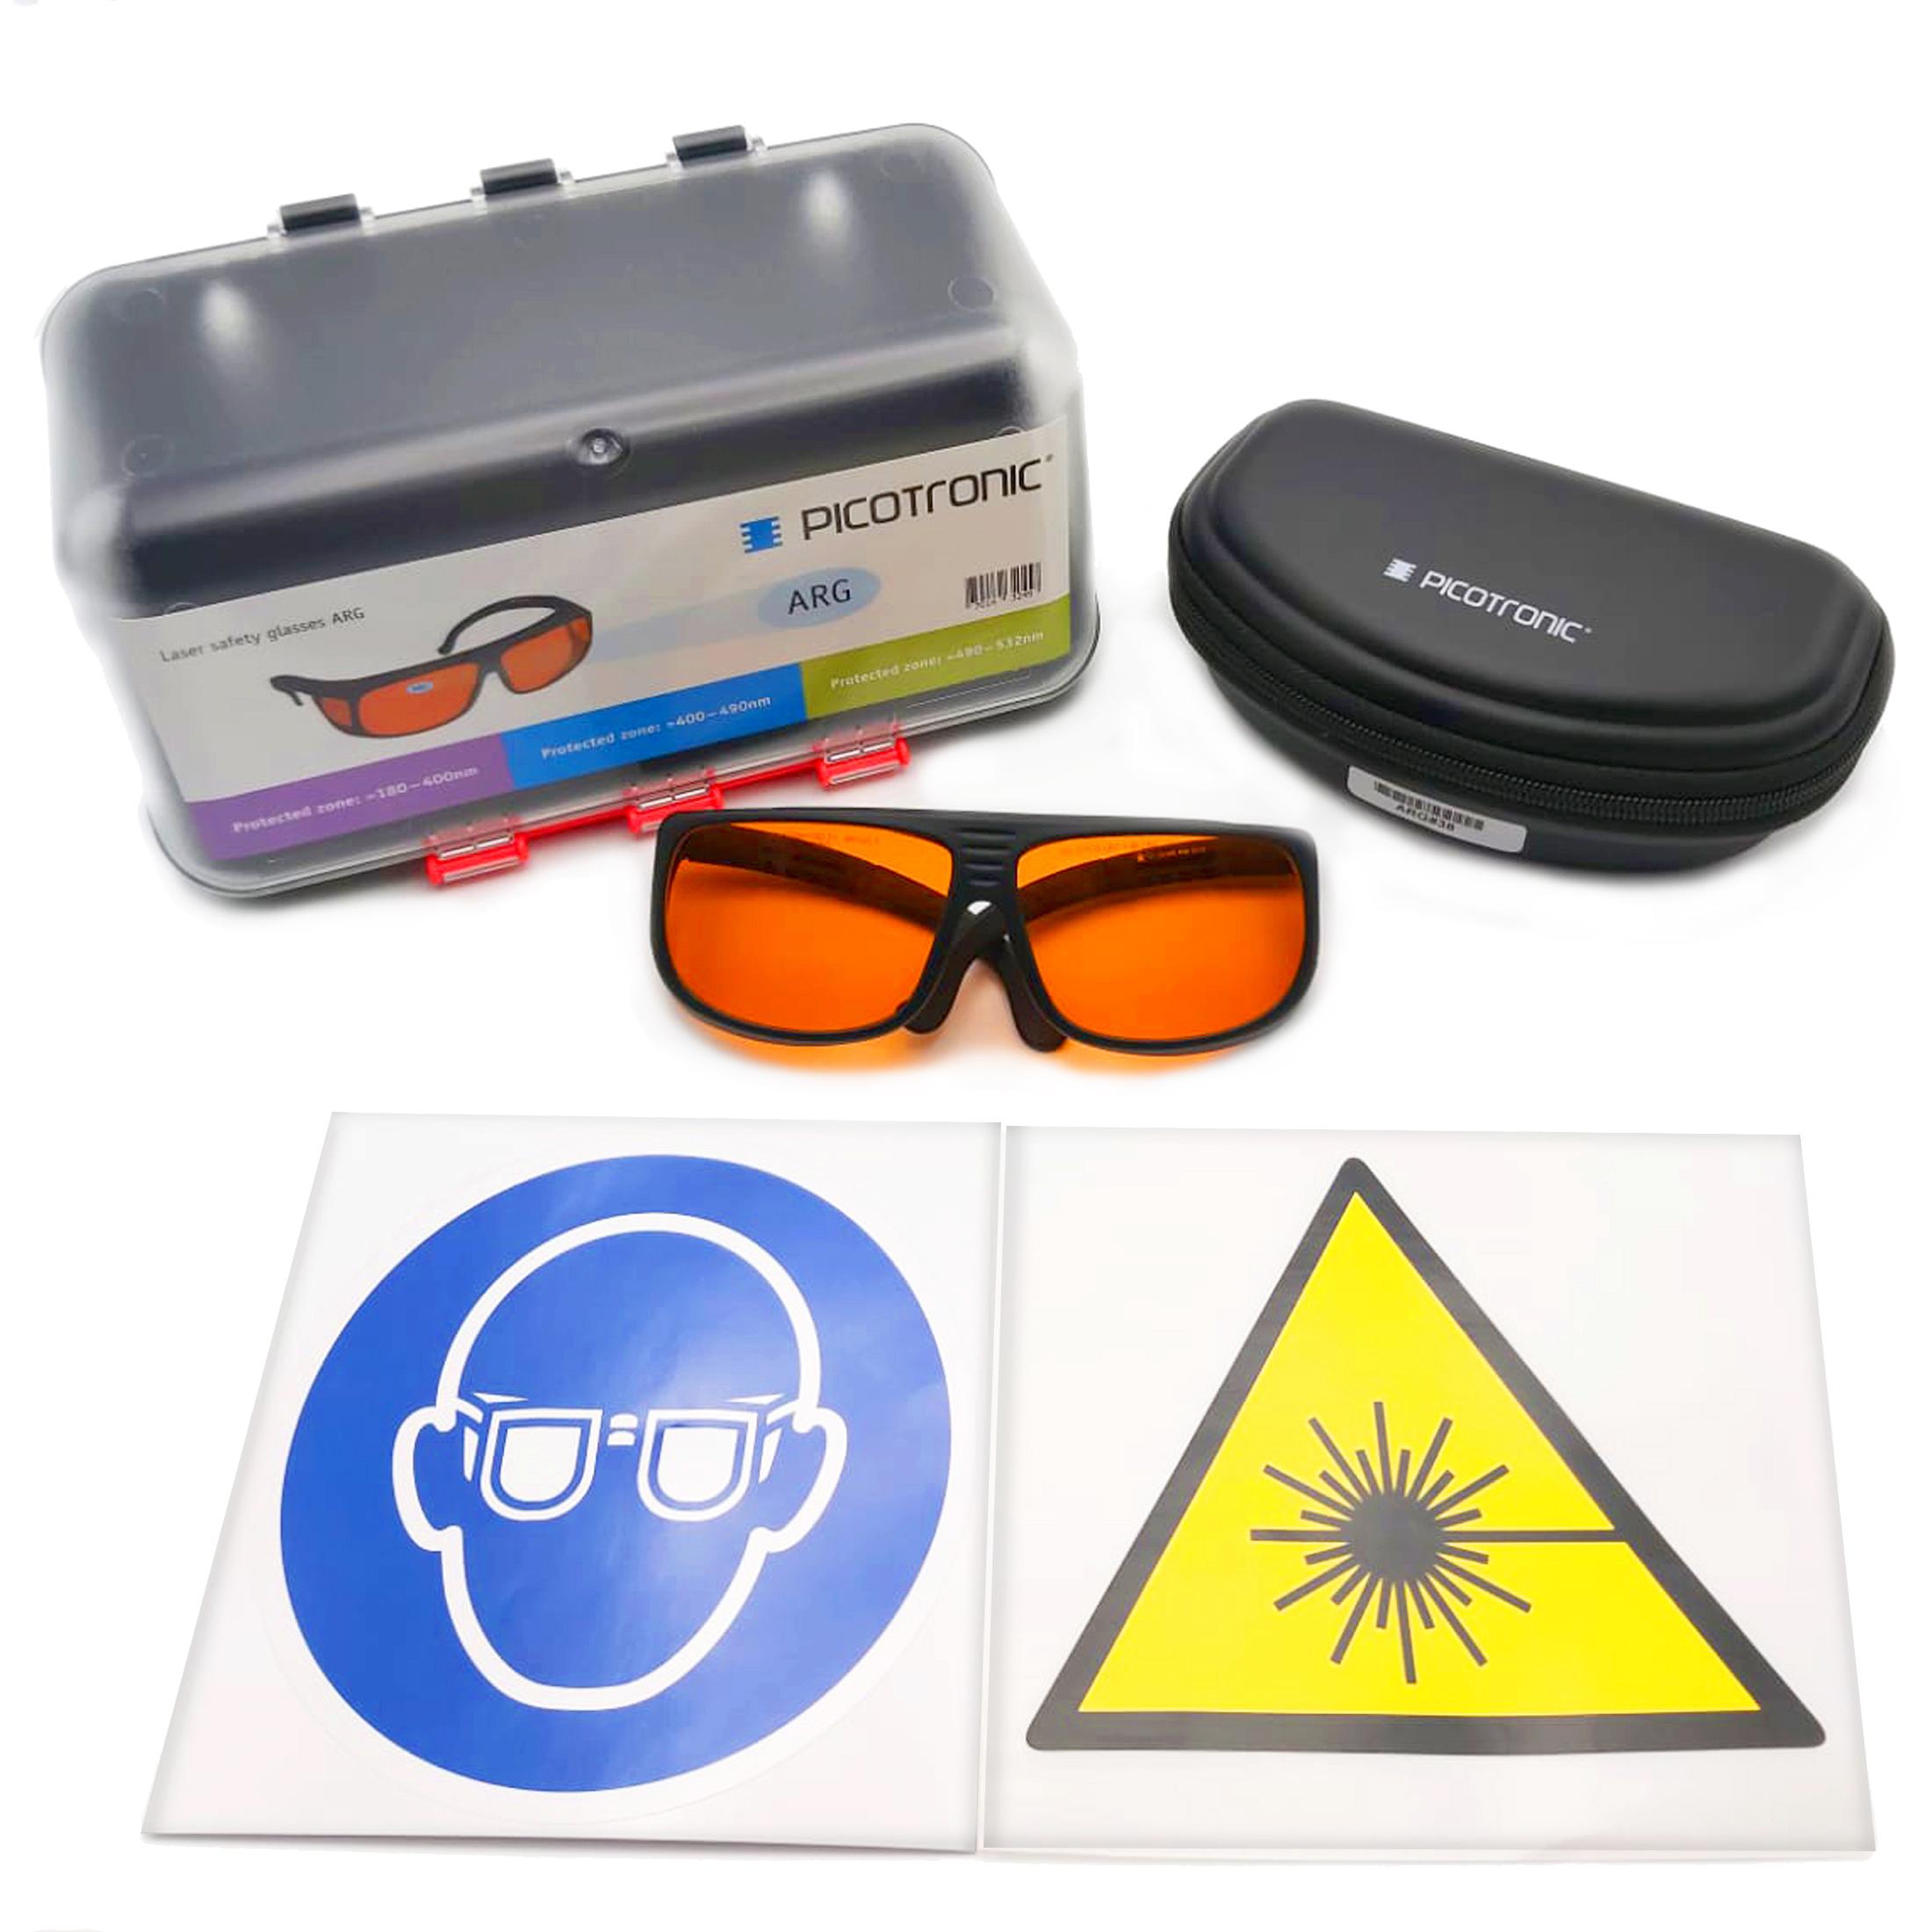 Picotronic PICO-LPG-405-532-BOX